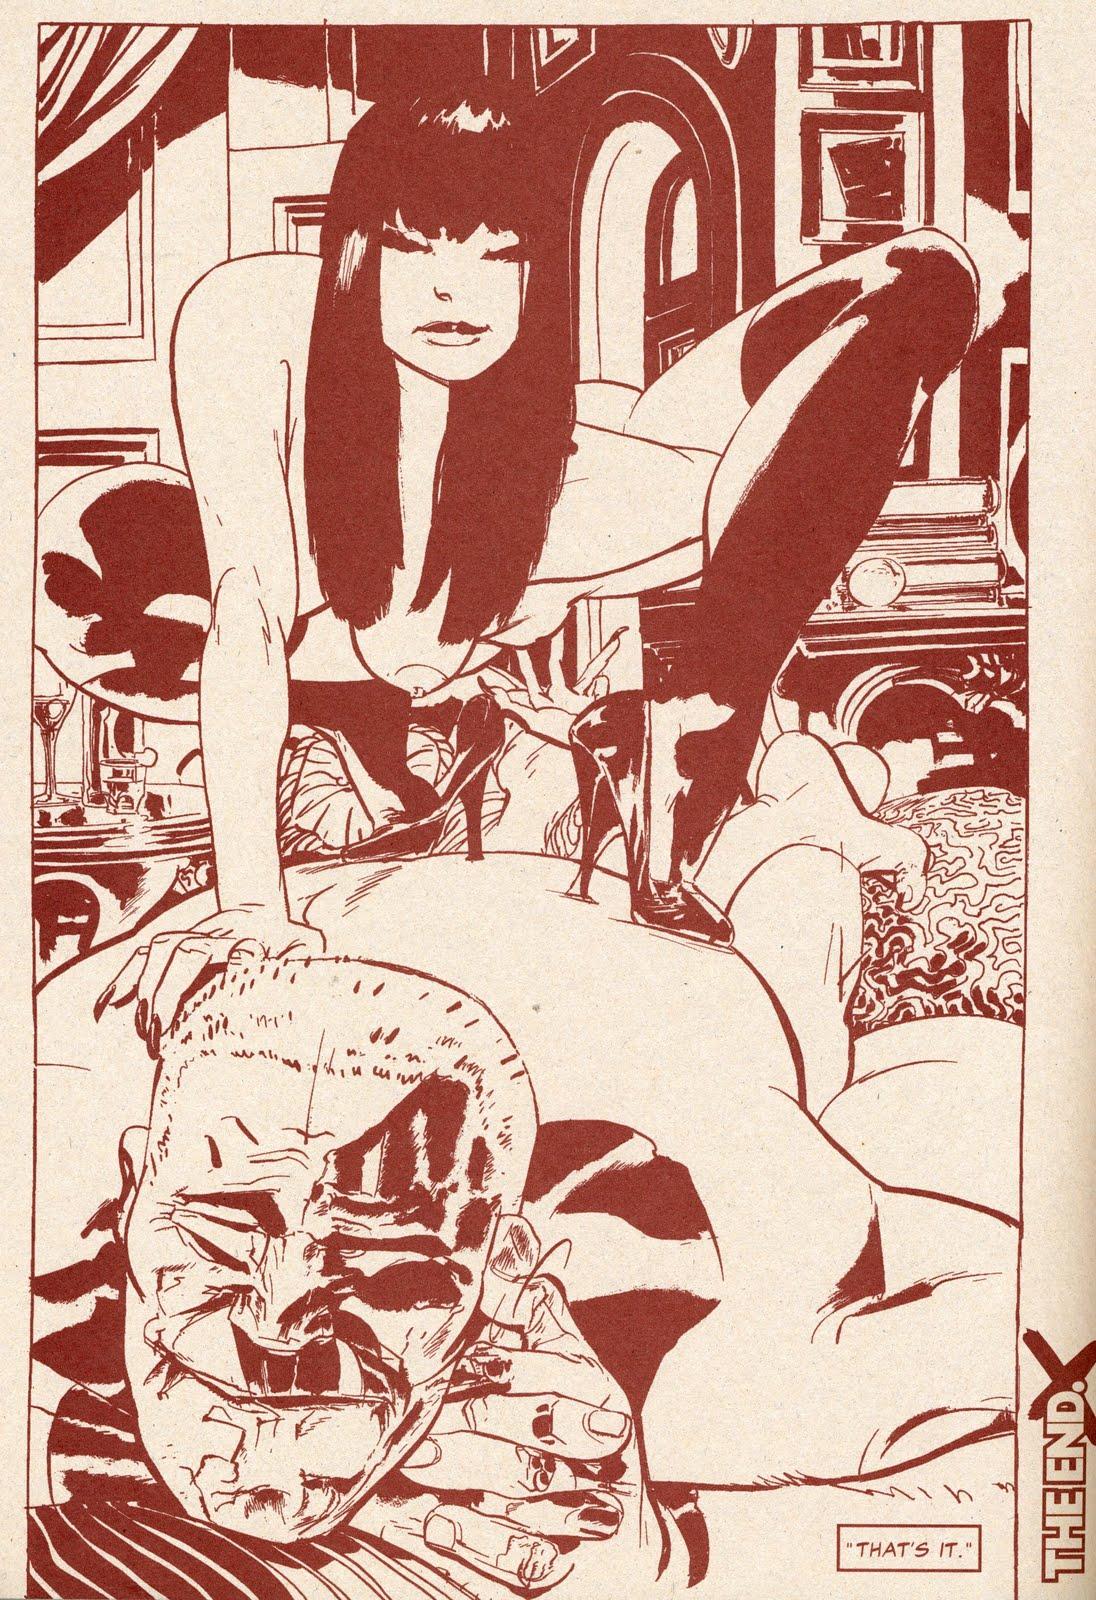 Ilustraciones sueltas chulas encontradas por el internete - Página 2 PH019